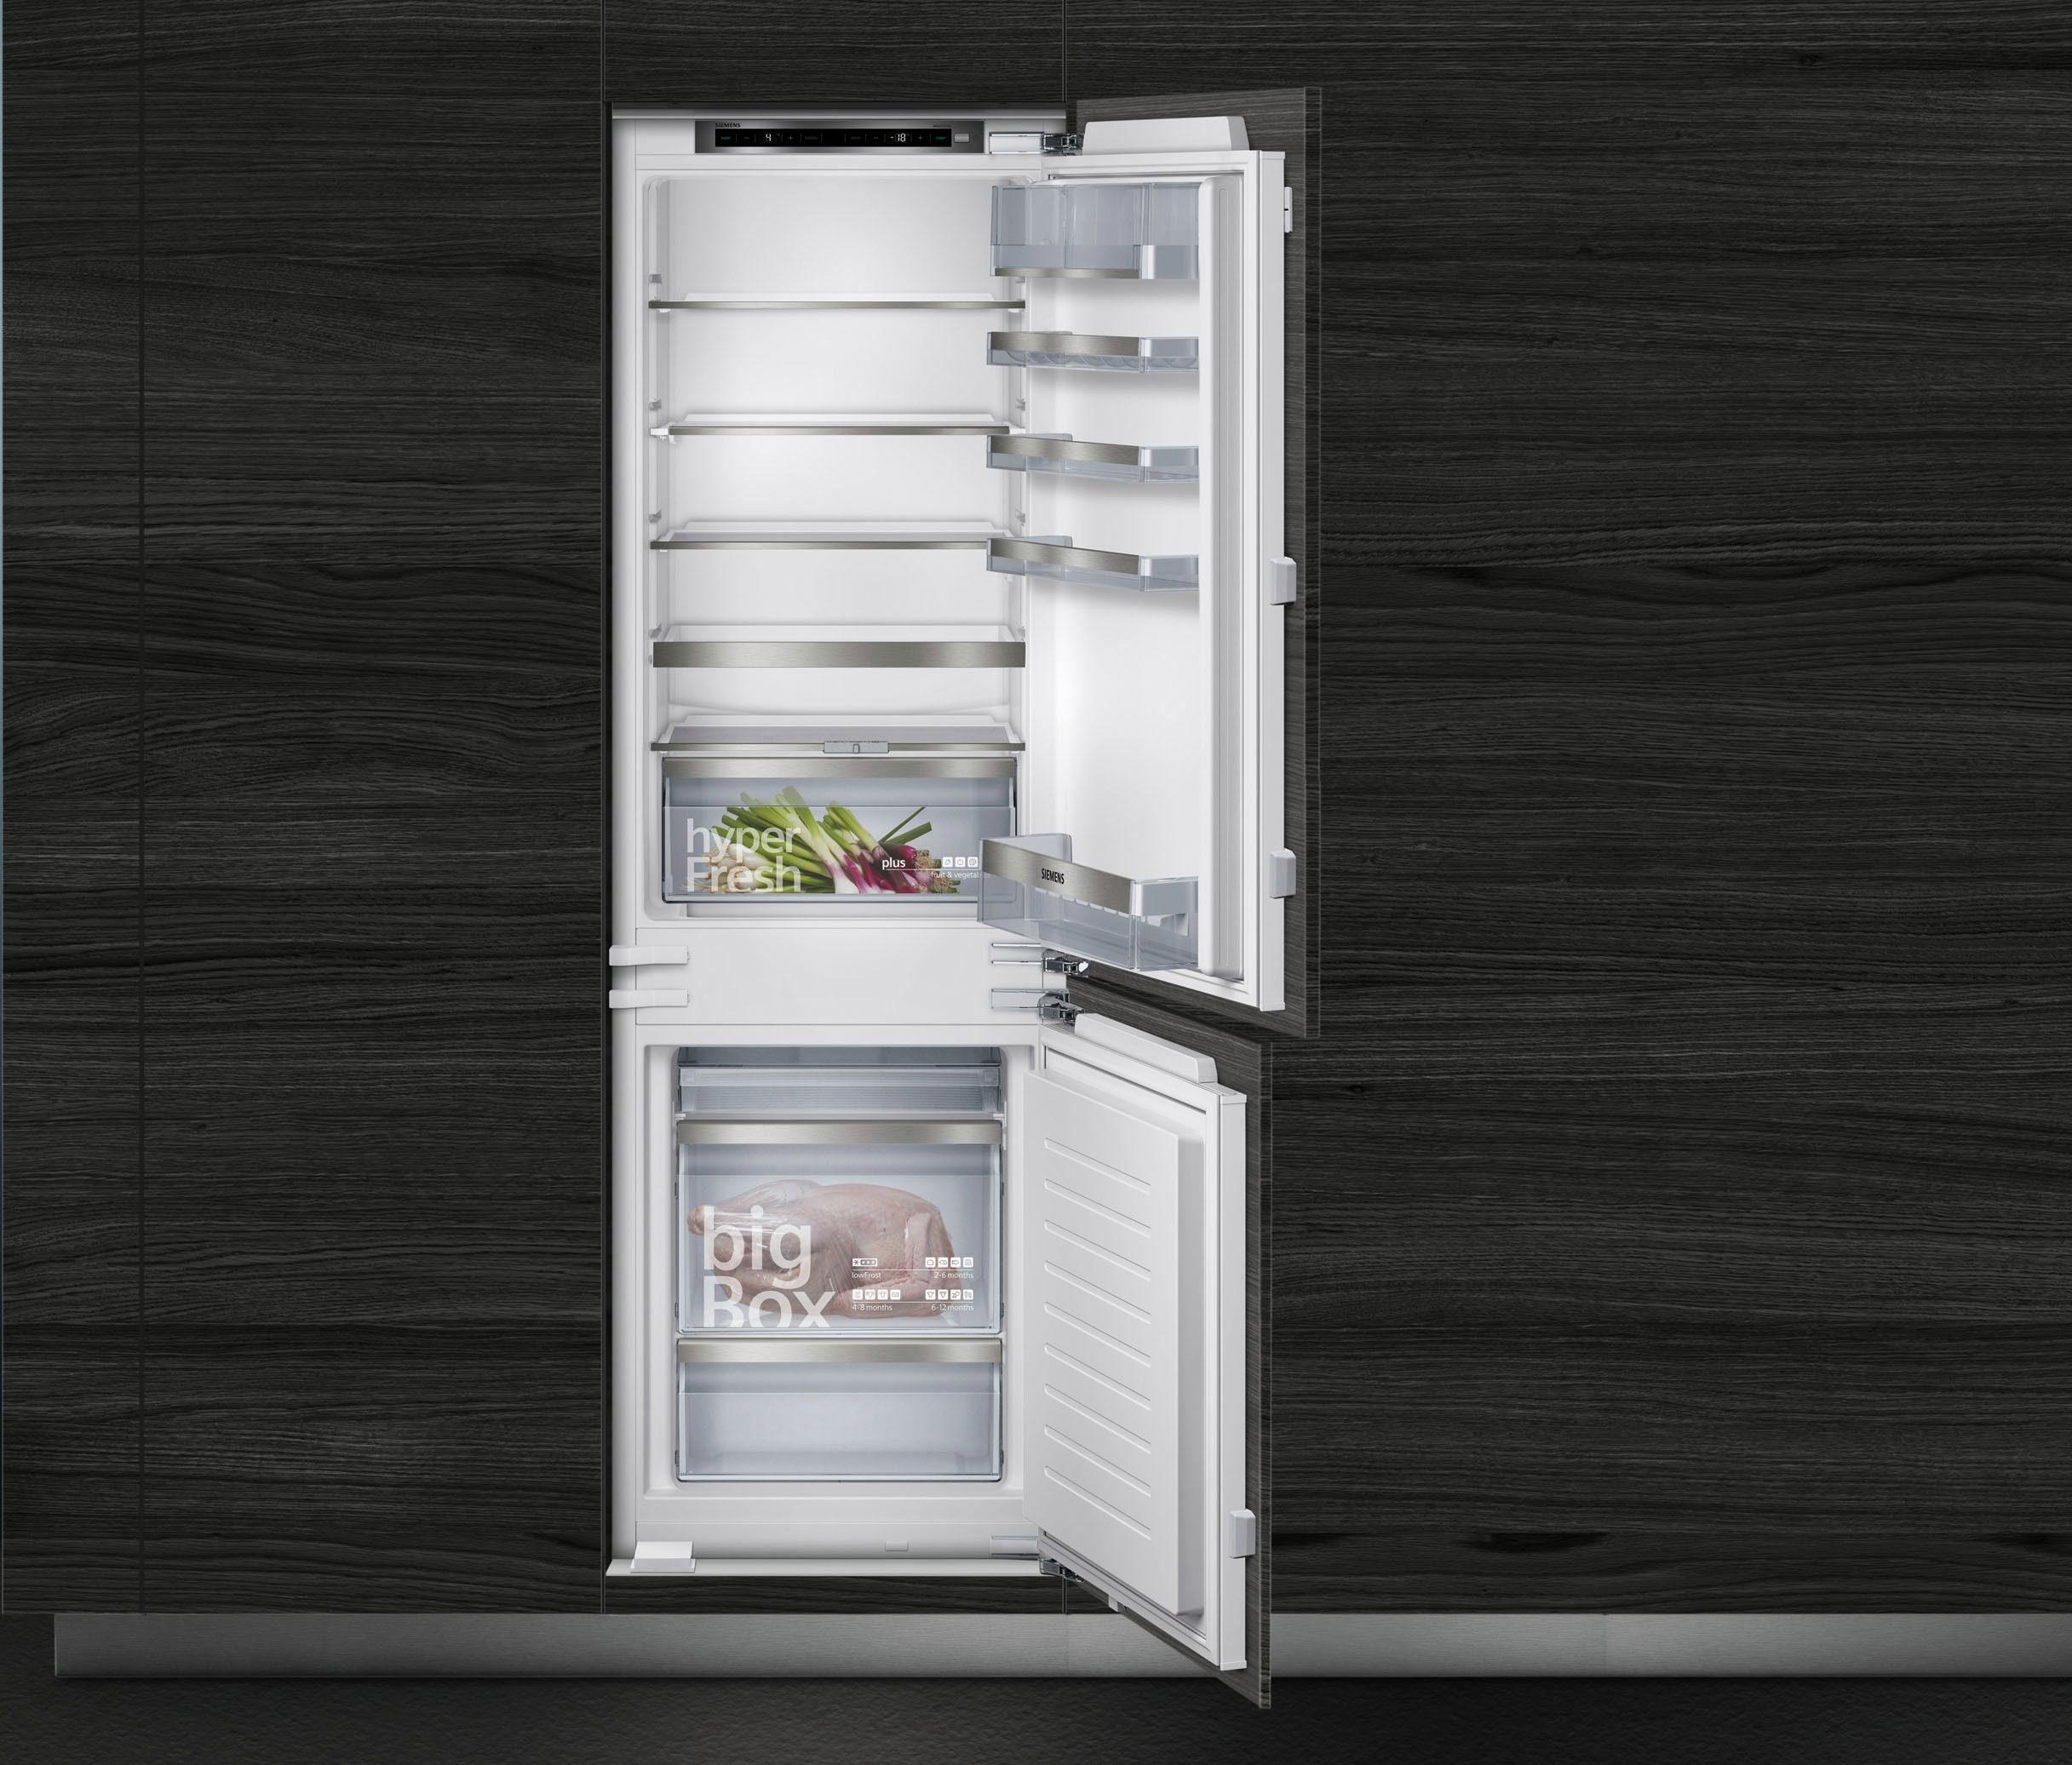 SIEMENS Einbaukühlschrank KI86SAD30, 177,2 cm hoch, 54 cm breit, Energieeffizienzklasse A++, 177,5 cm